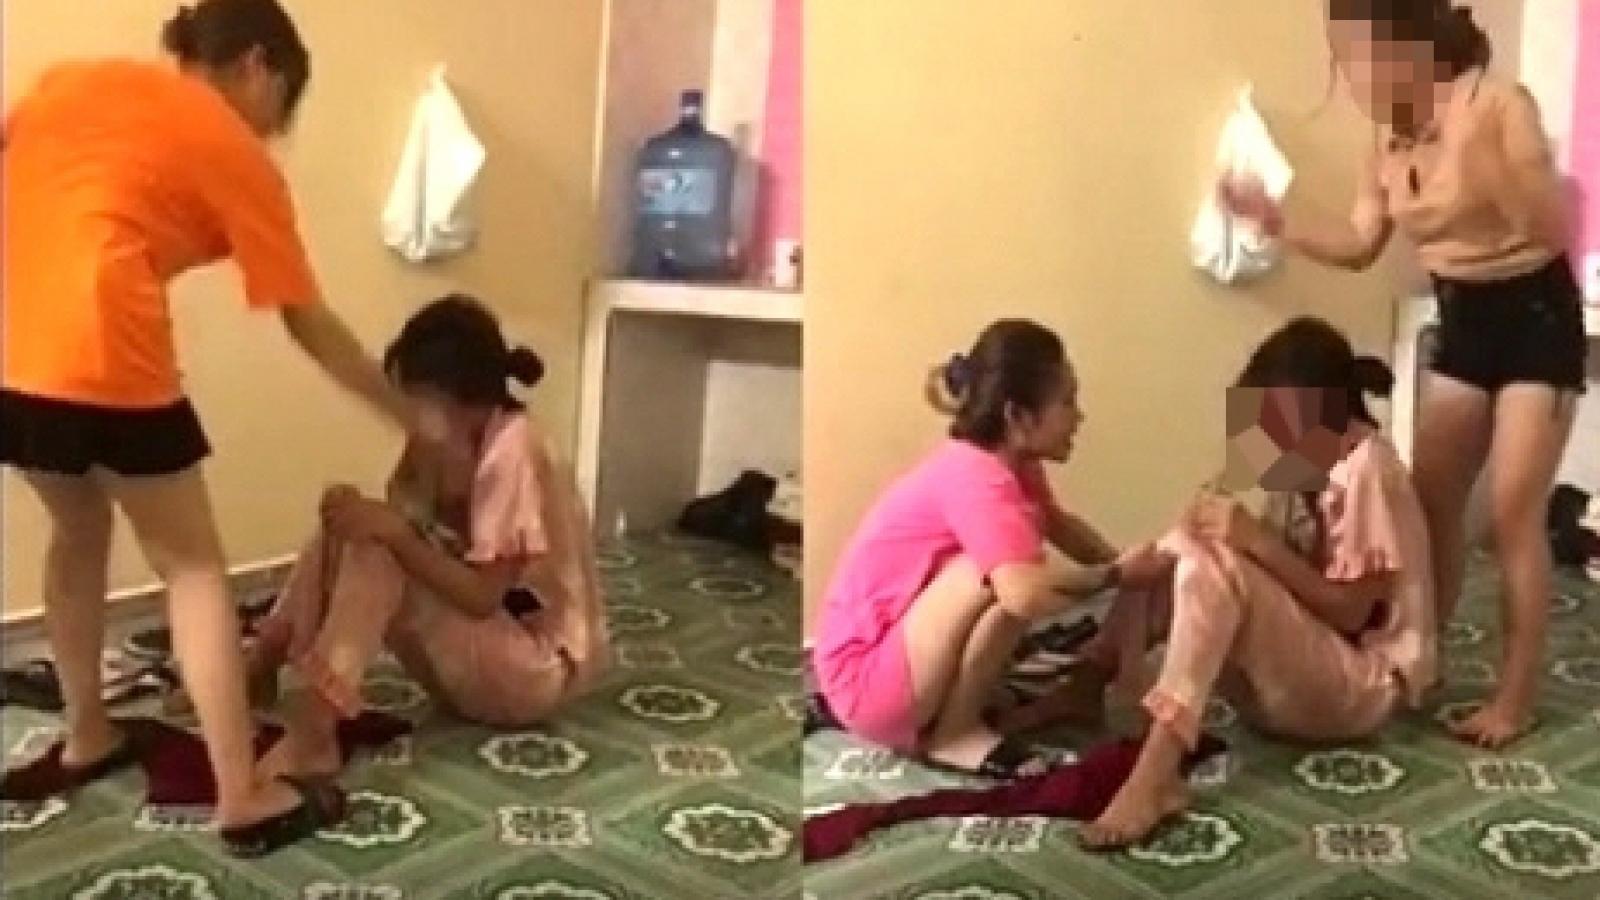 Nóng 24h: Thông tin mới nhất vụ đánh hội đồng, lột đồ thiếu nữ ở Thái Bình